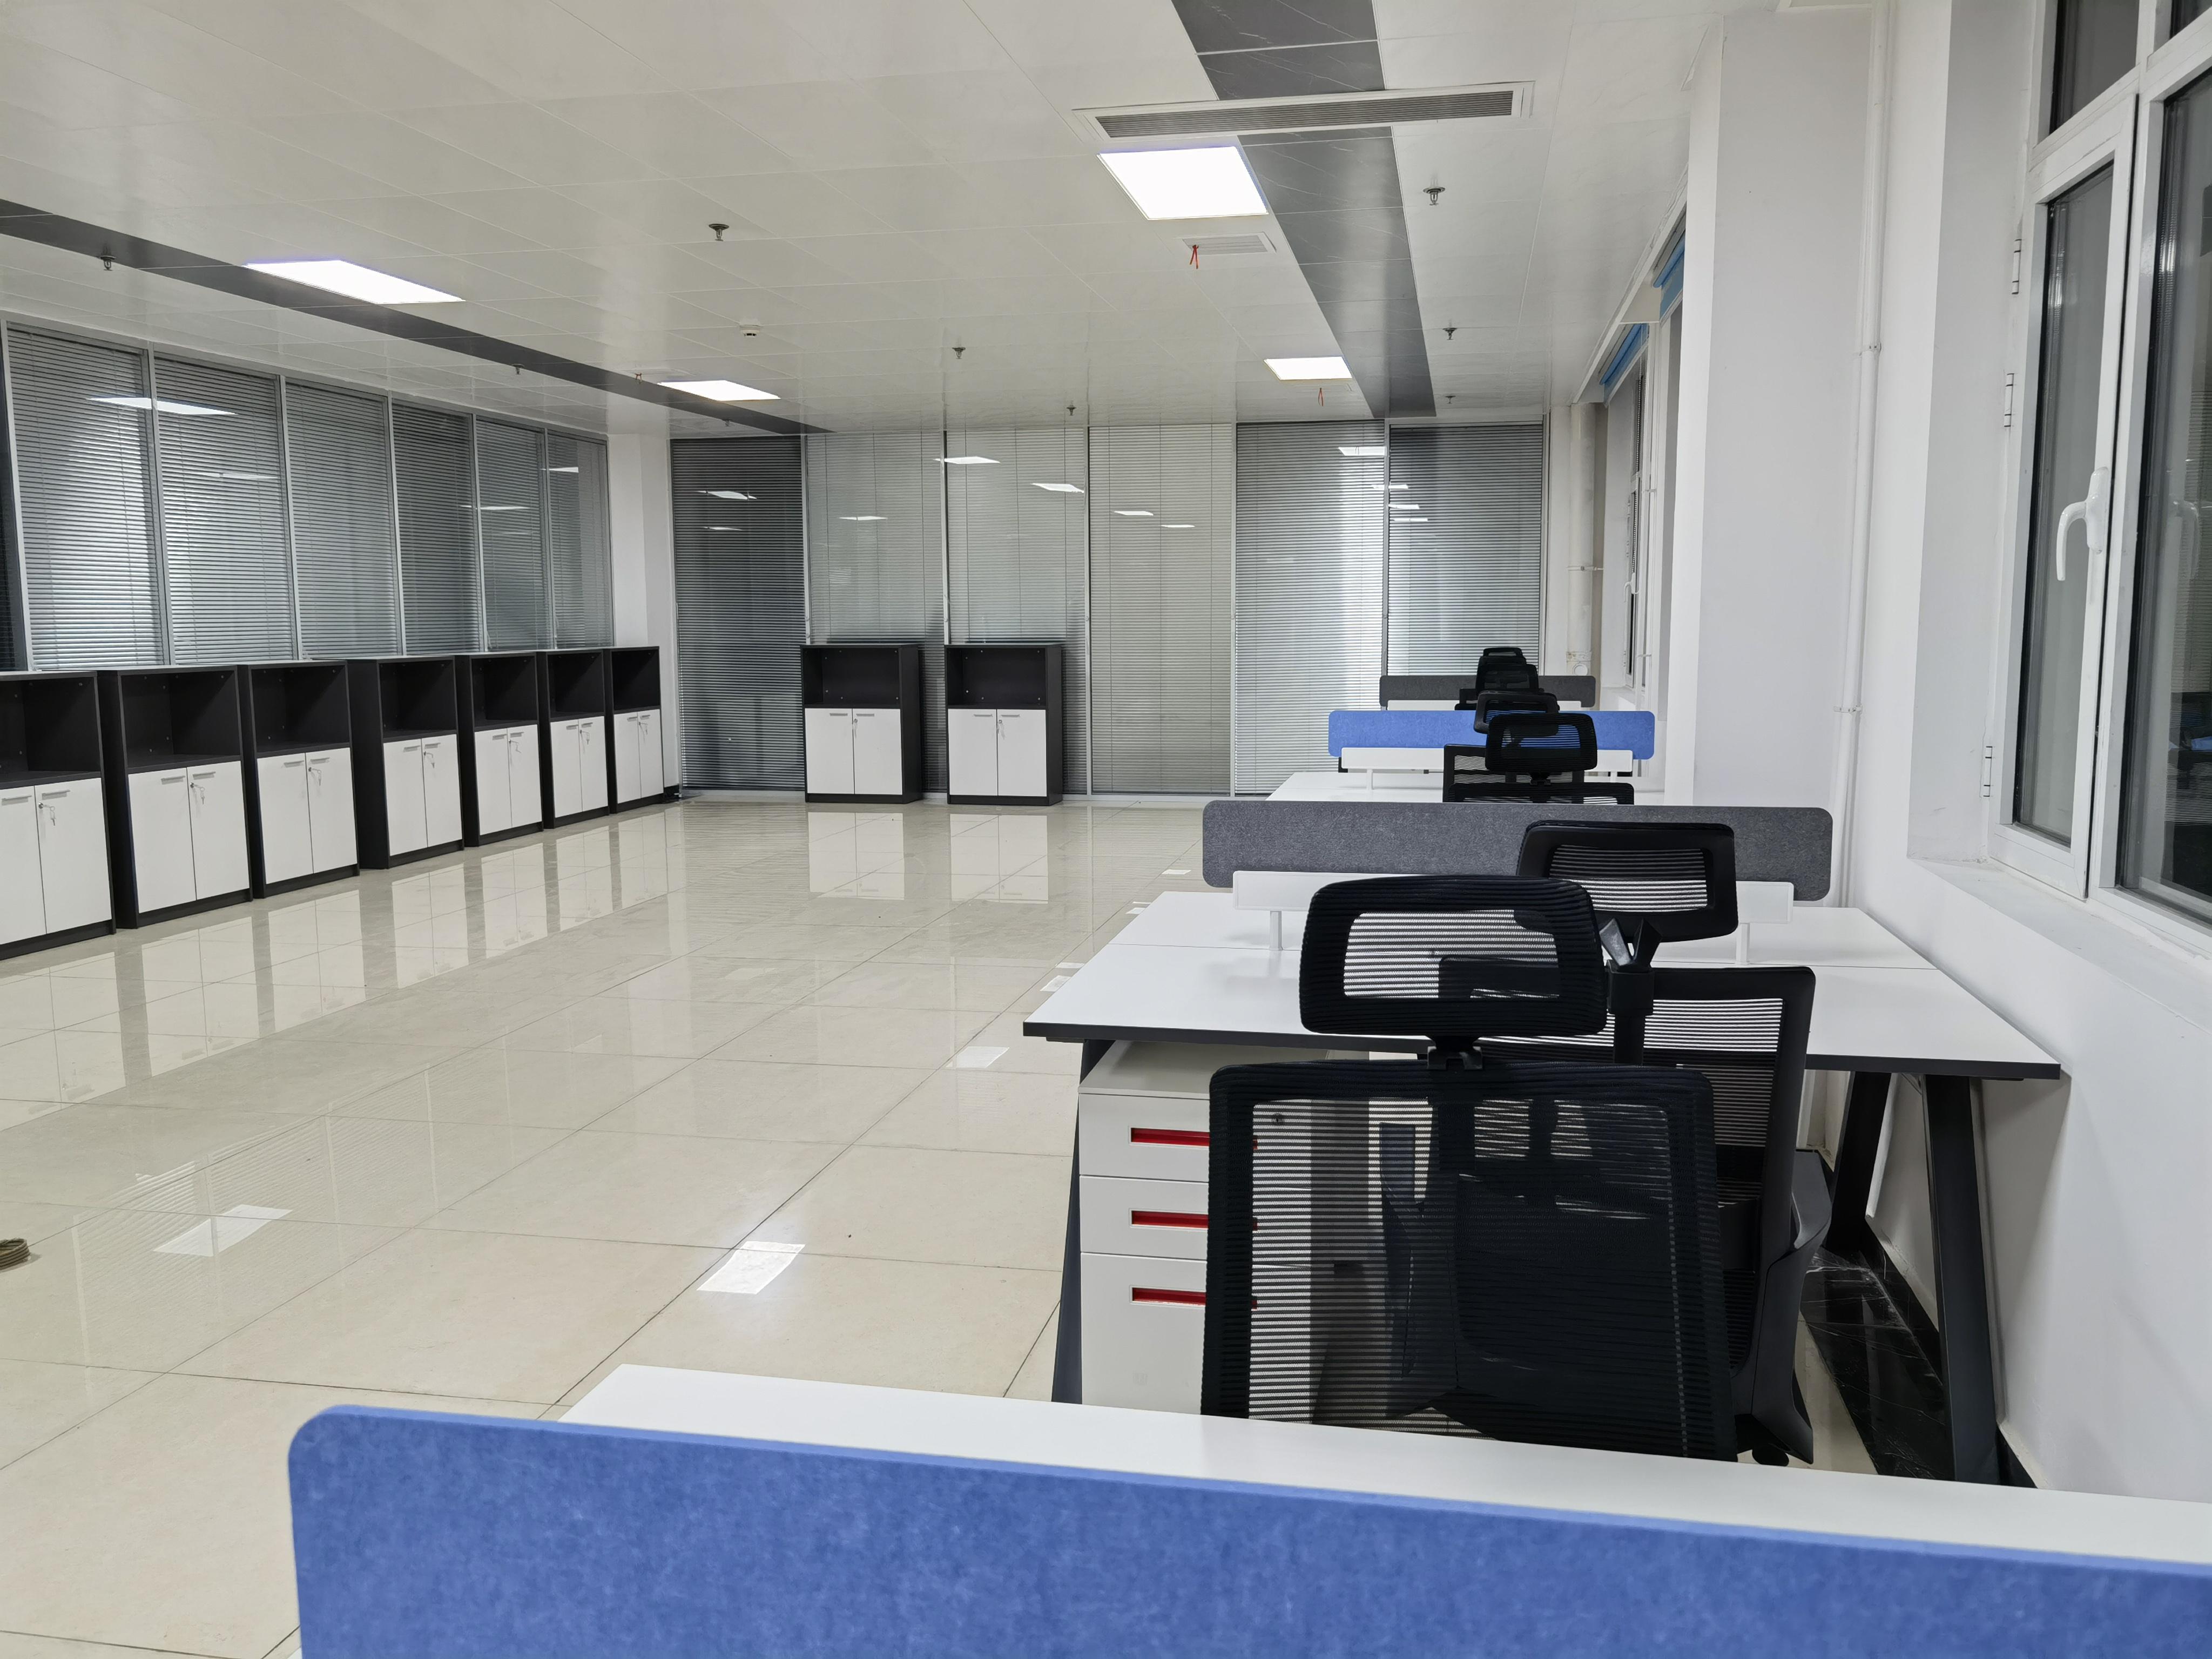 河北沧州某工厂办公楼项目-欧时家具办公家具定制案例